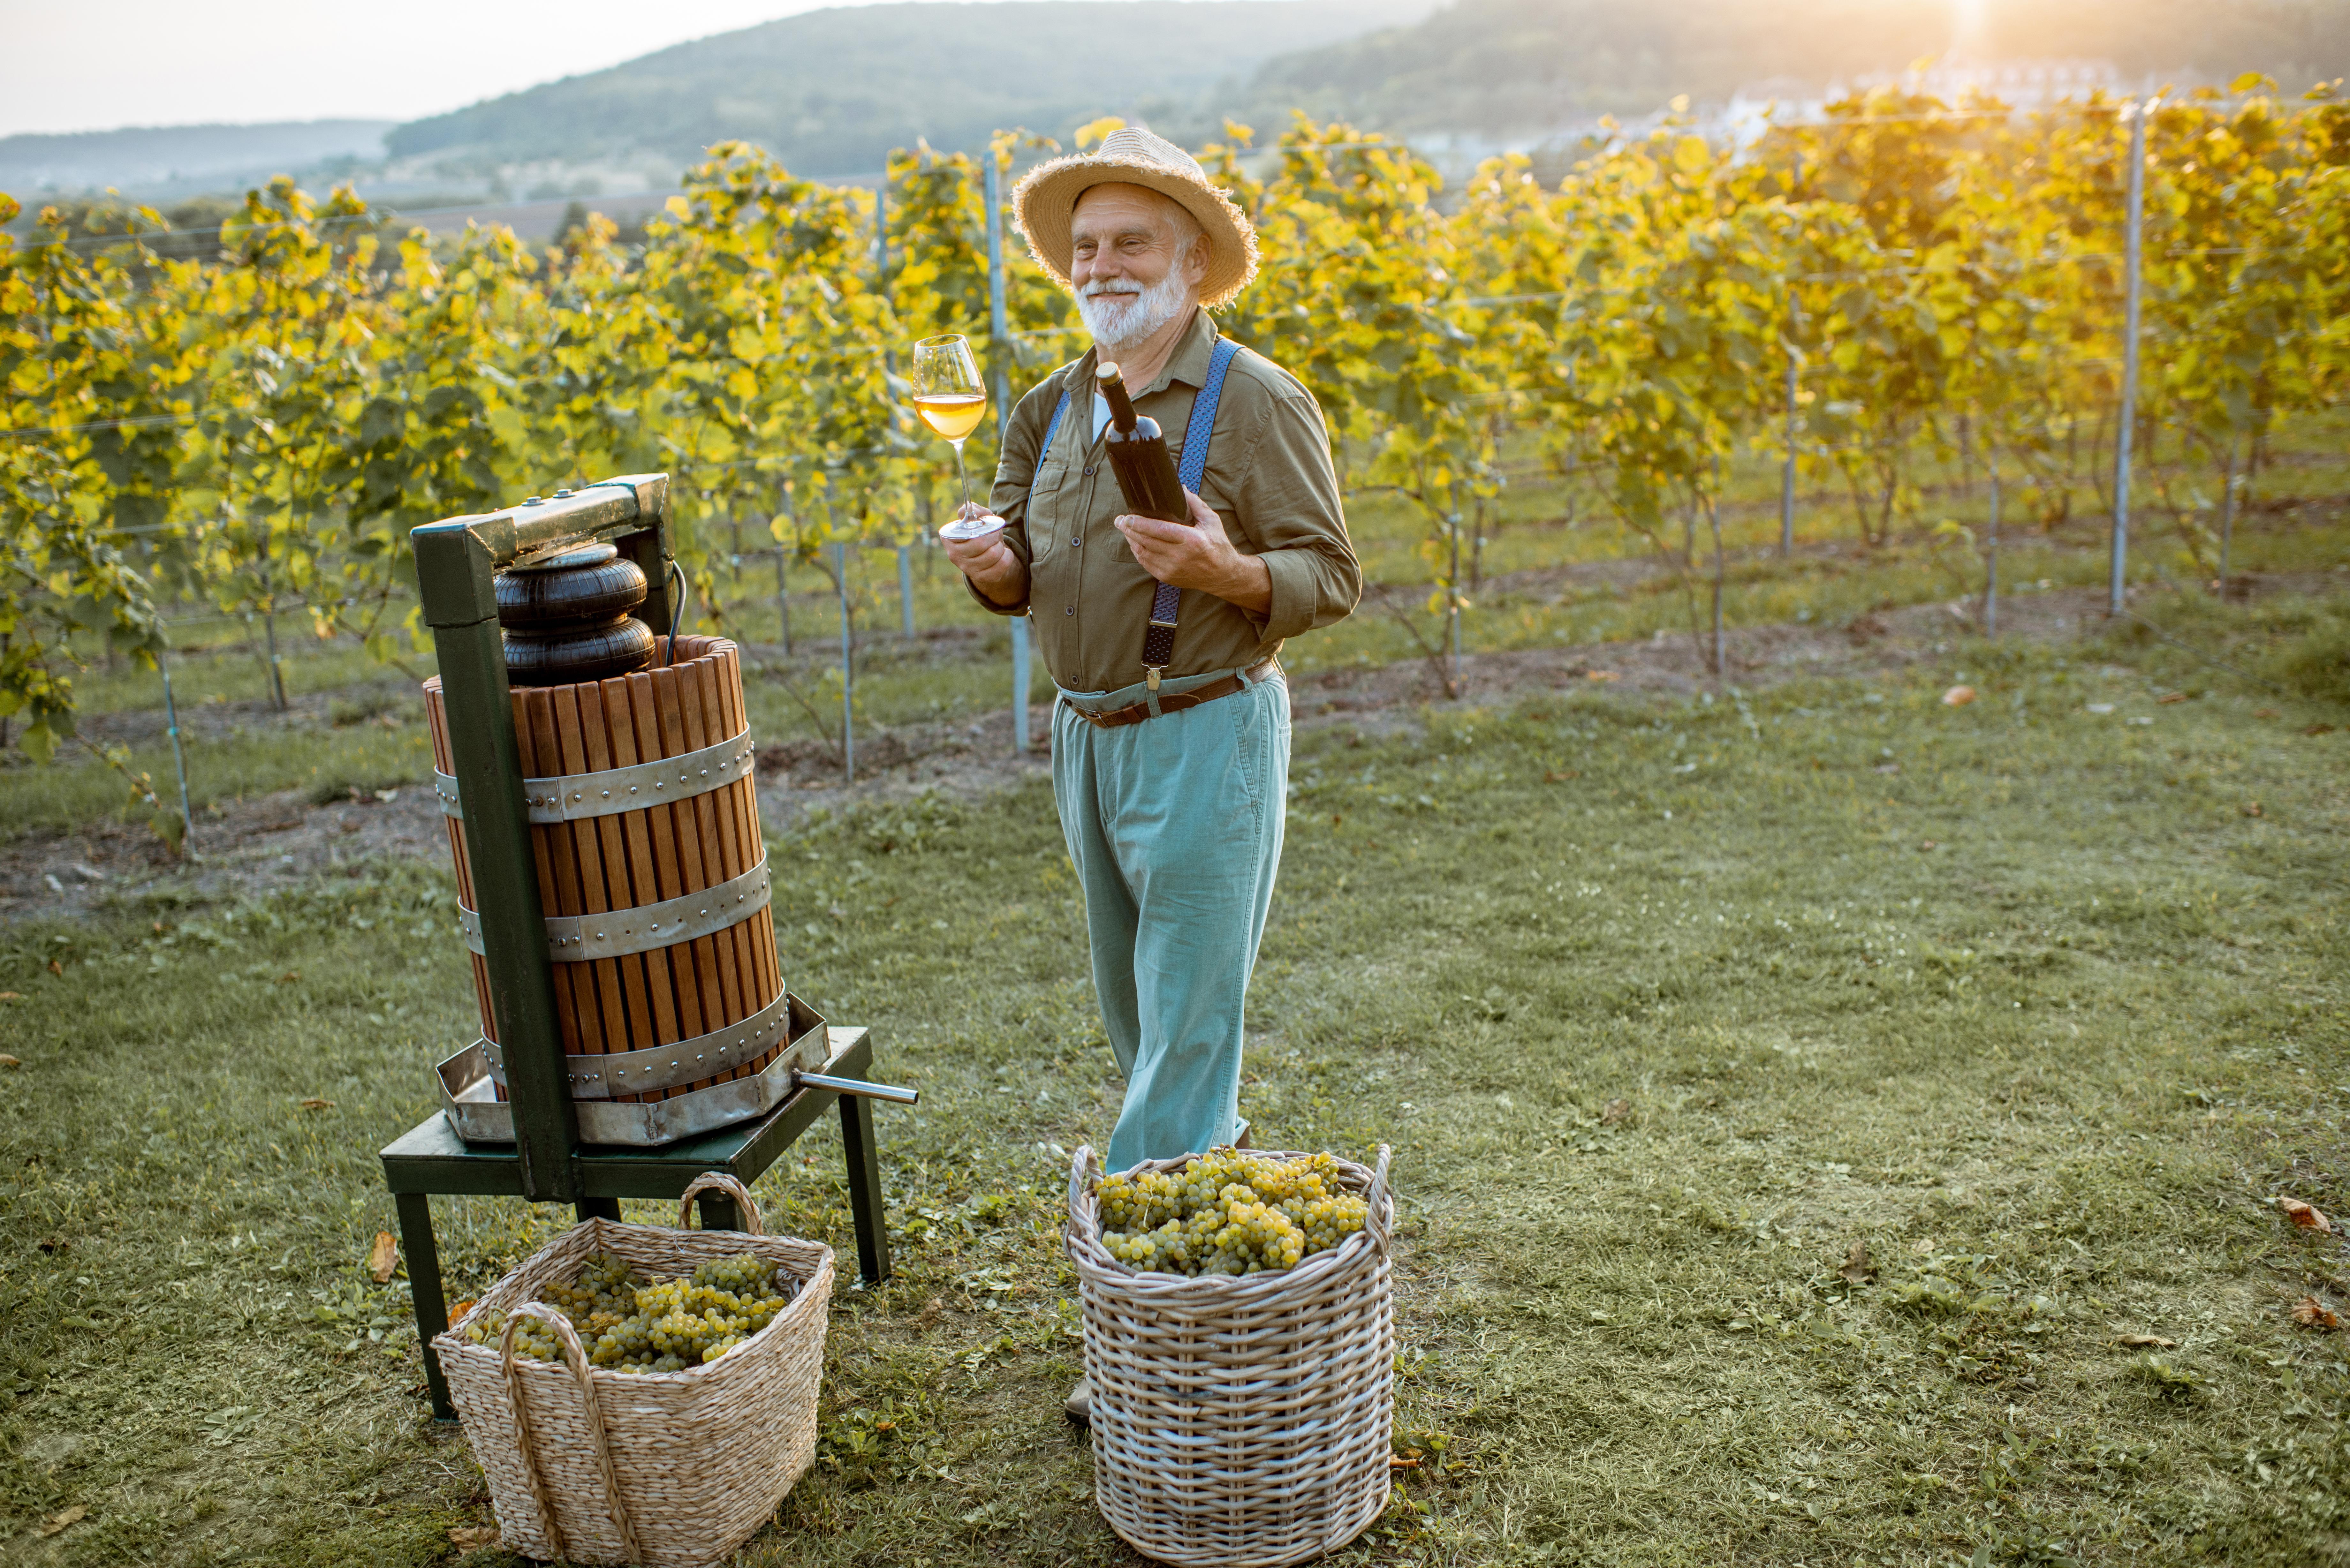 יום היין הבינלאומי - כל מה שאתם צריכים לדעת